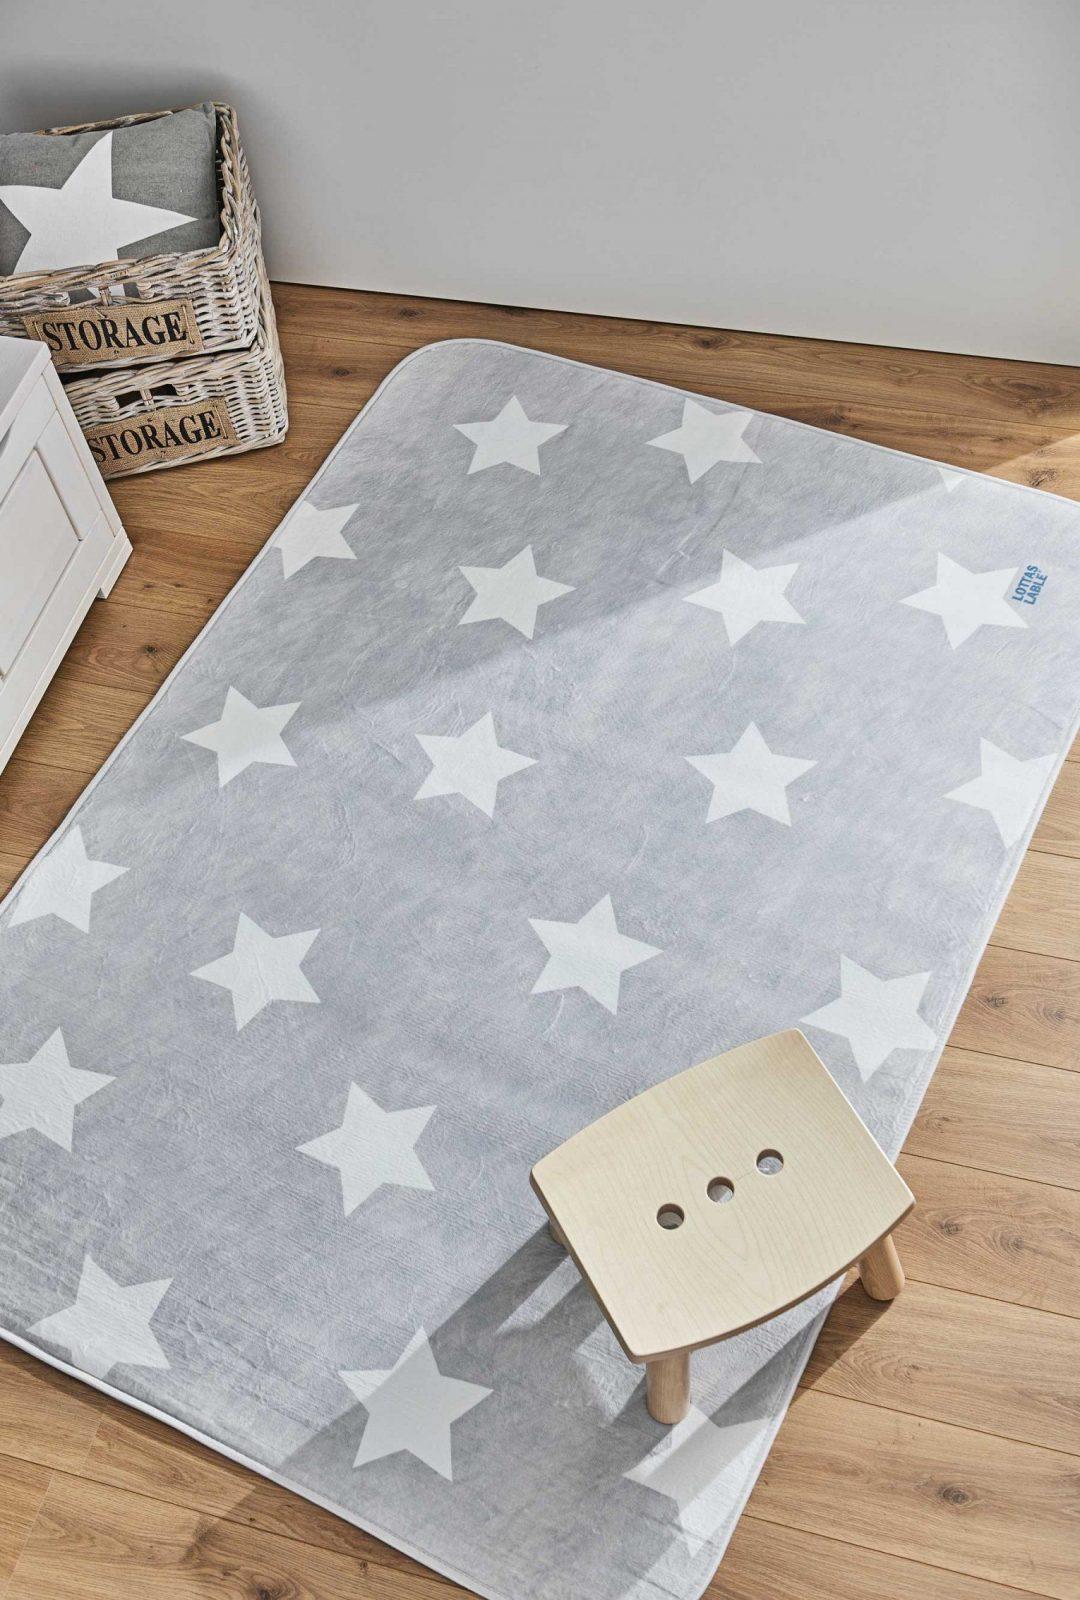 kinderteppich sterne grau von teppich mit sternen grau bild haus design ideen. Black Bedroom Furniture Sets. Home Design Ideas